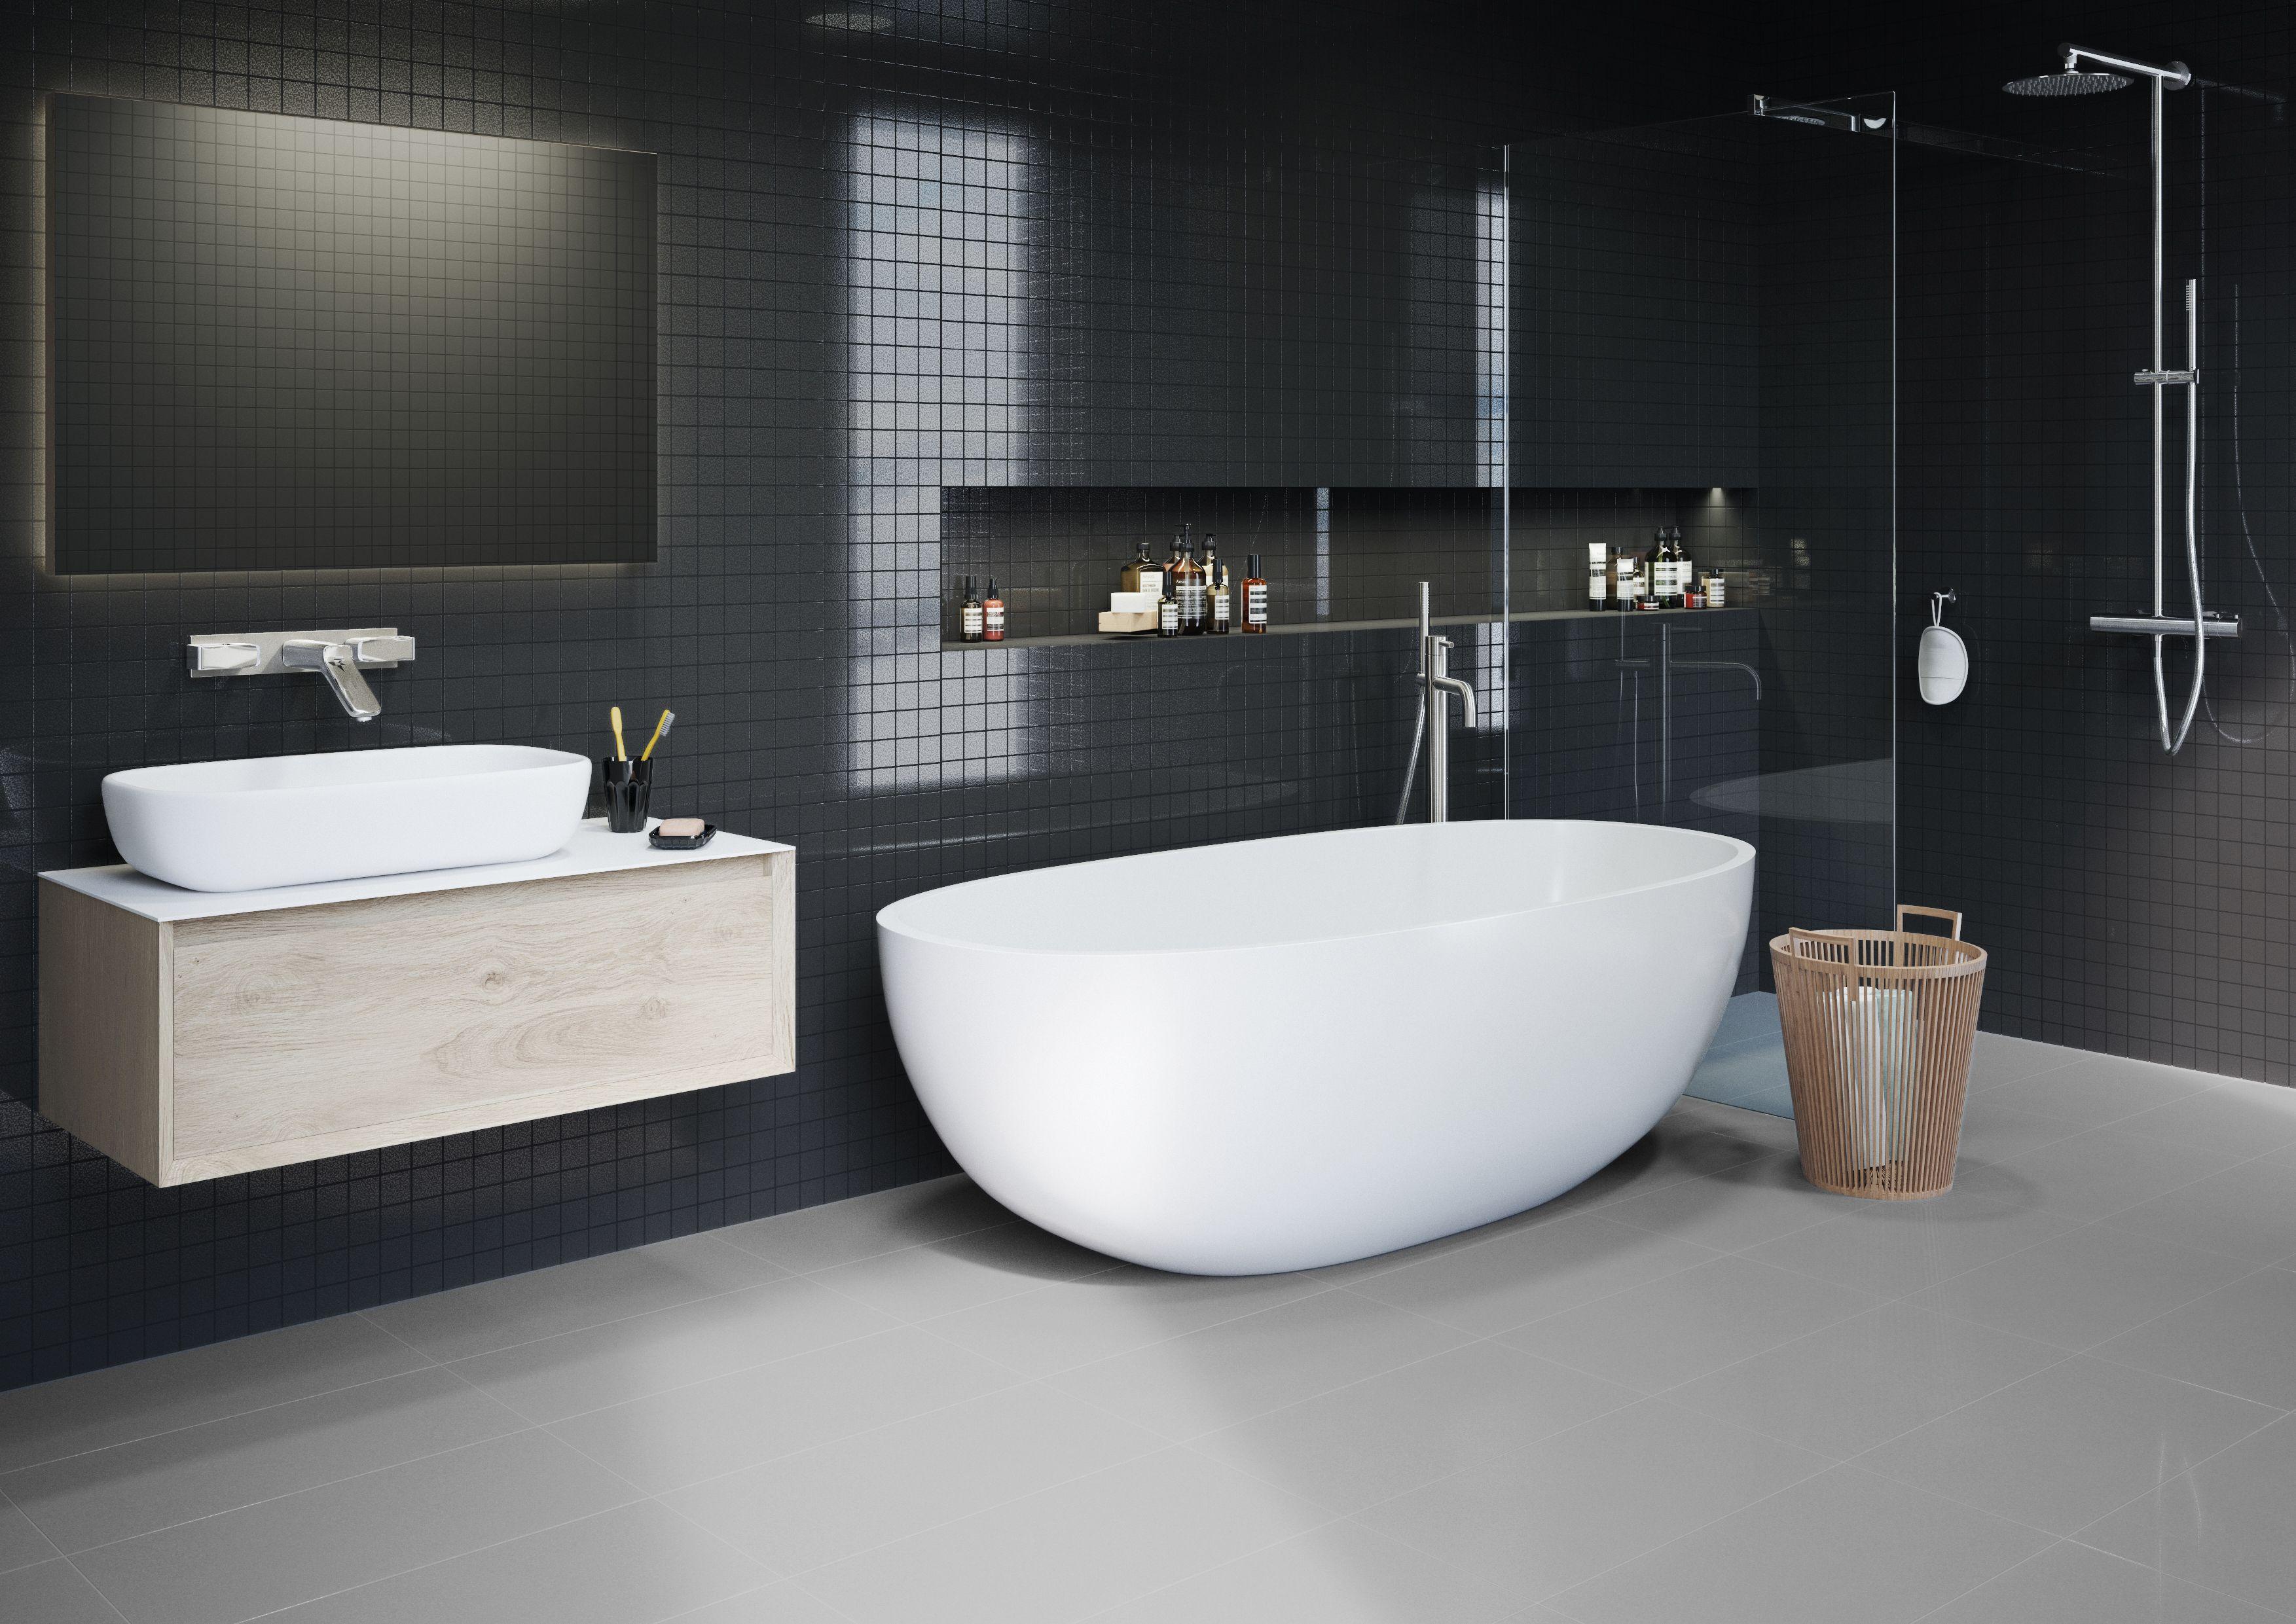 Fliesen Im Mosaik Stil Verzaubern Jedes Badezimmer Eine Vielfalt An Mosaiken Fur Deine Wand Wir Wunschen Dir Im Ubrigen Eine Schone Woche Fussboden Mosaikfliesen Fliesen Und Mosaik